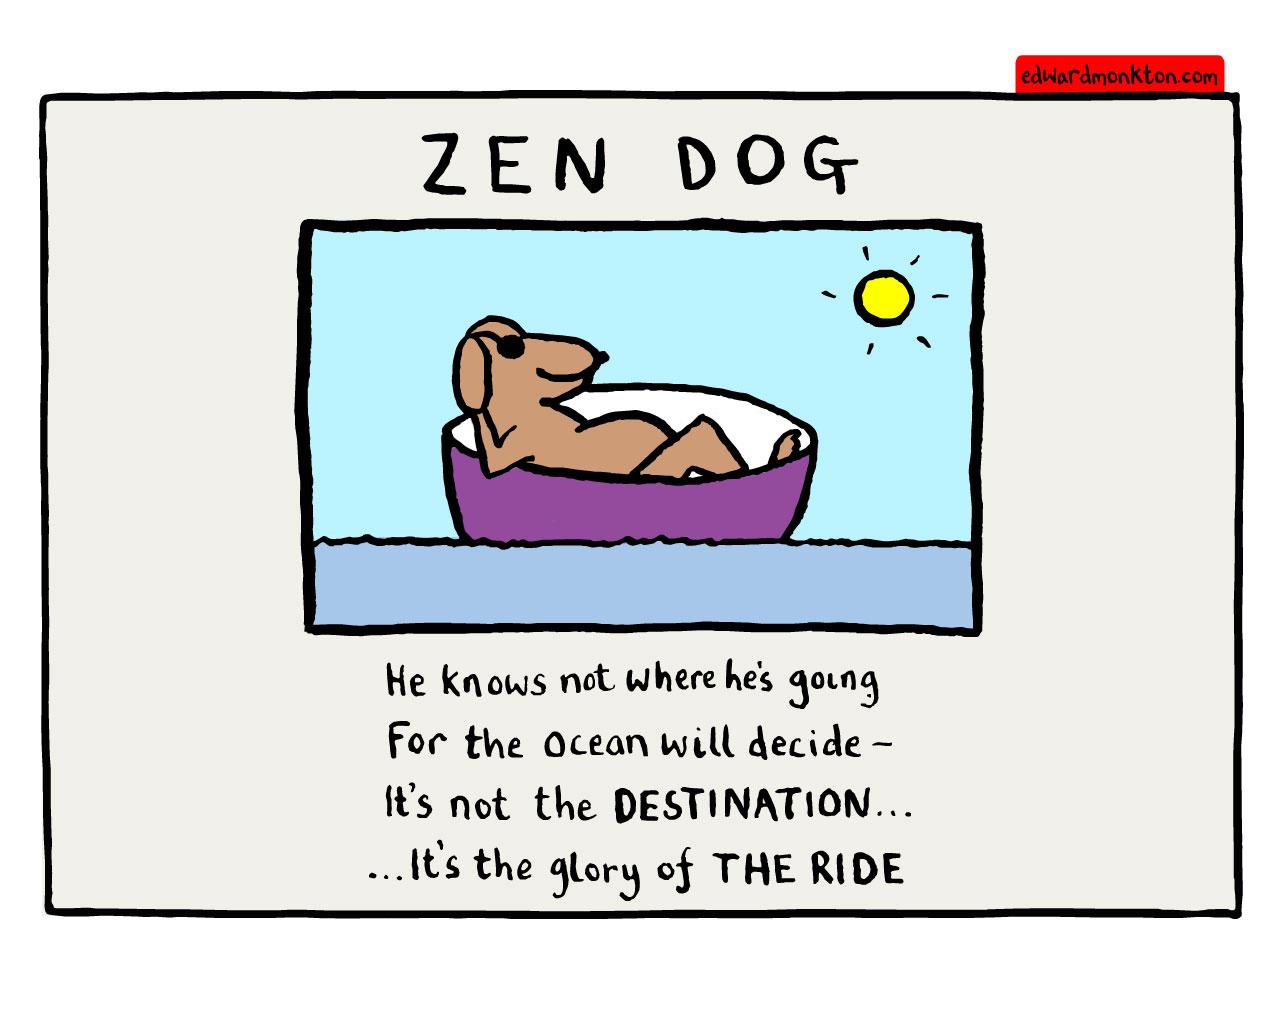 Le chien de Zen